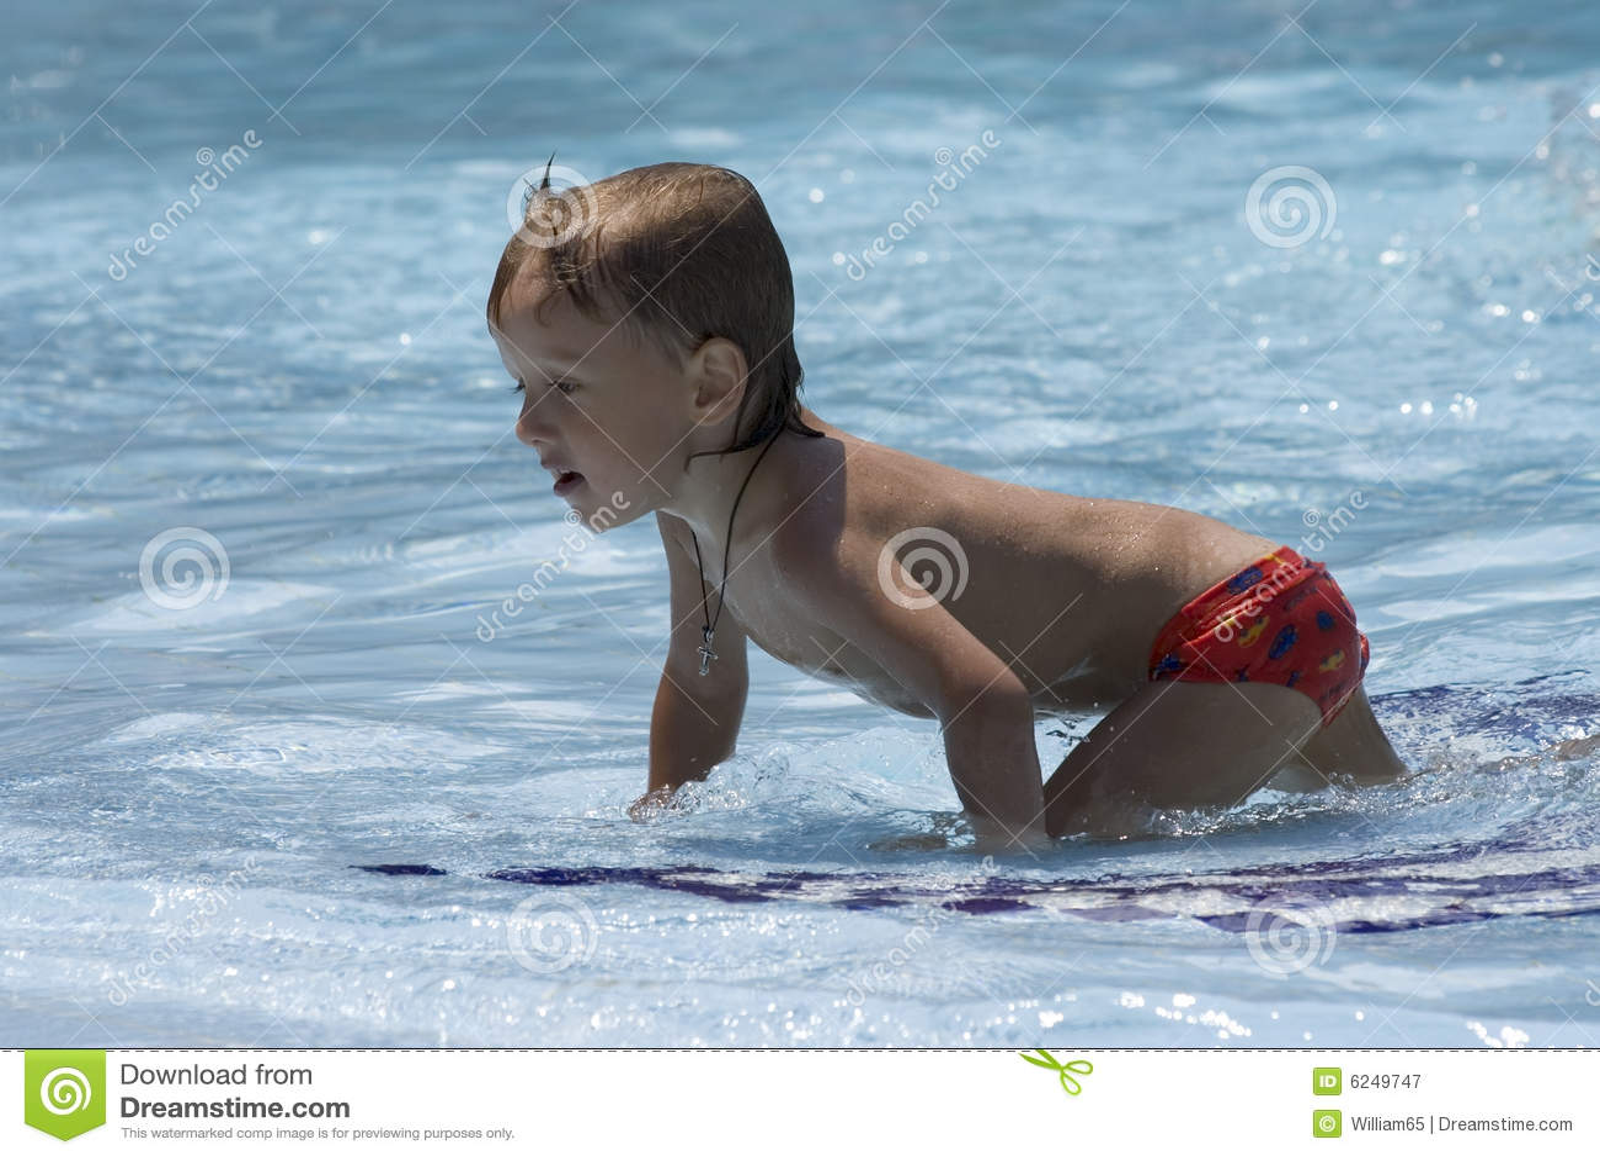 мальчик проползает колени меньшее мелководье влажное